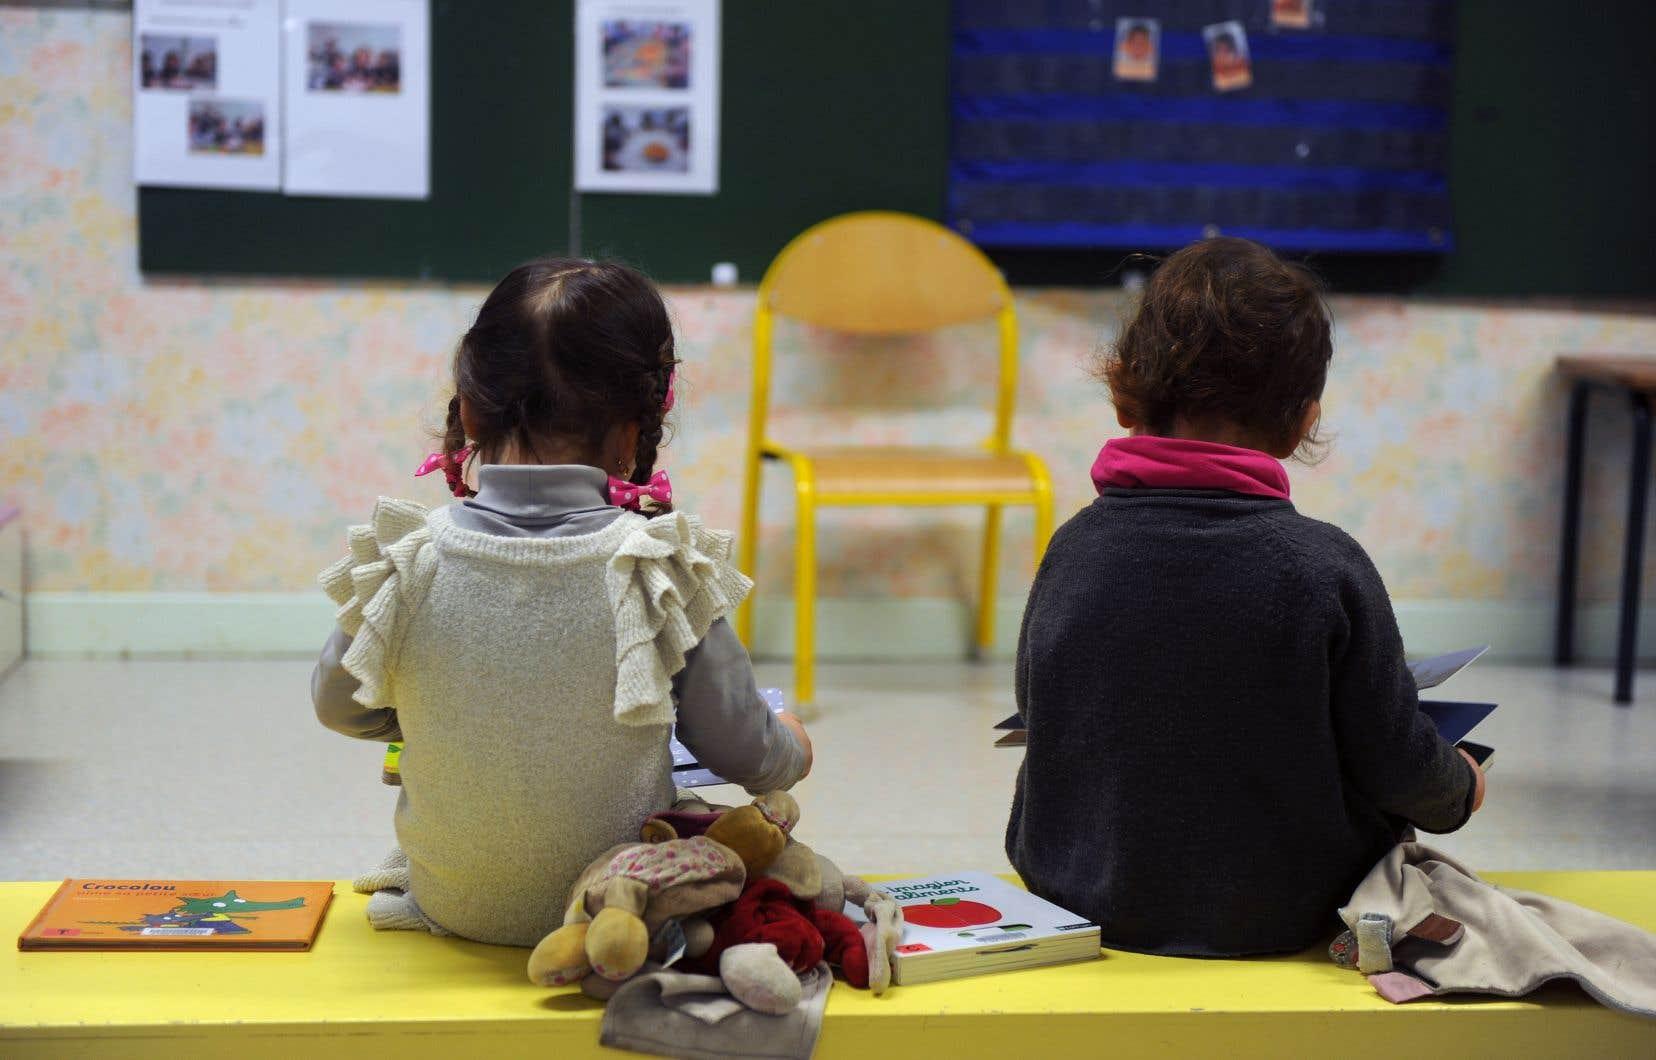 Les enfants de 4-5ans sont biologiquement différents de ceux du primaire et ont des besoins et des manières d'apprendre spécifiques.